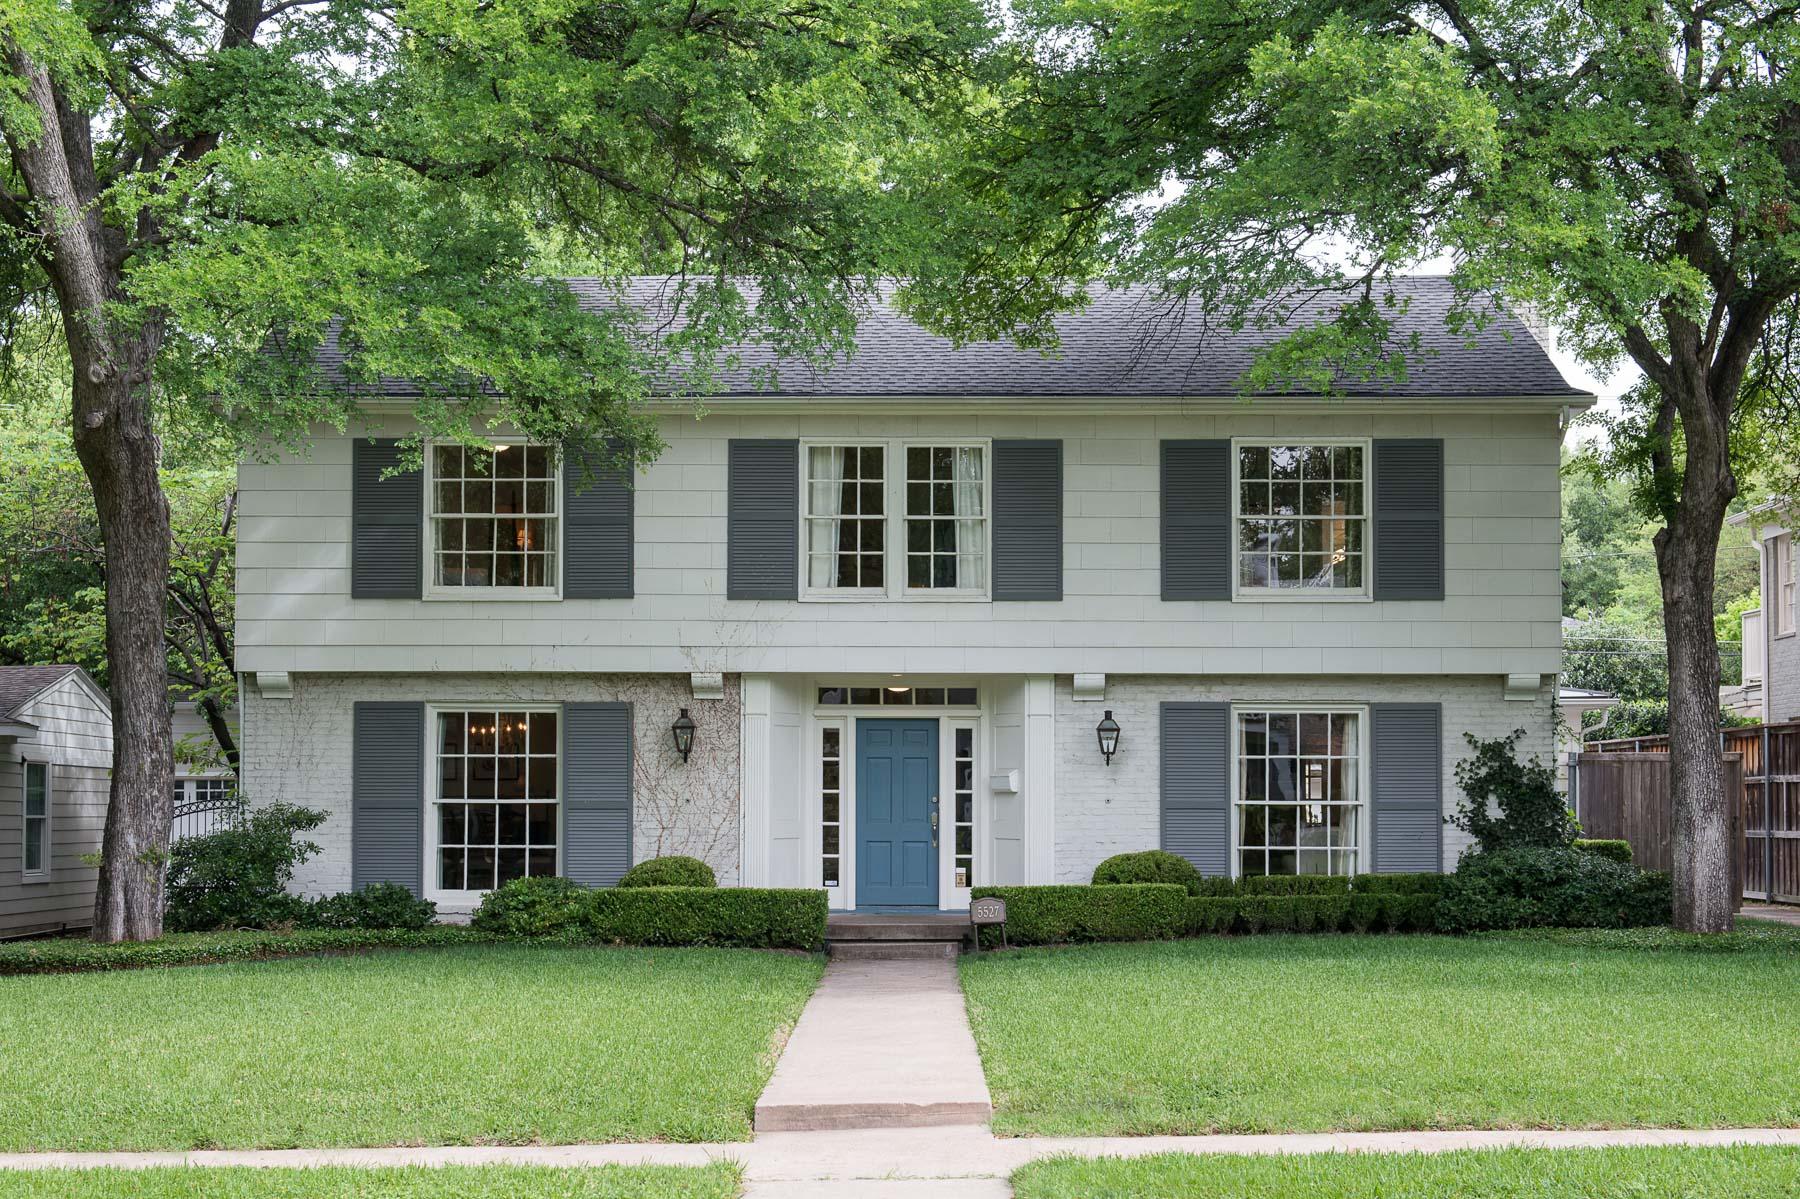 獨棟家庭住宅 為 出售 在 Elegant Traditional Colonial 5527 Emerson Ave Dallas, 德克薩斯州, 75209 美國